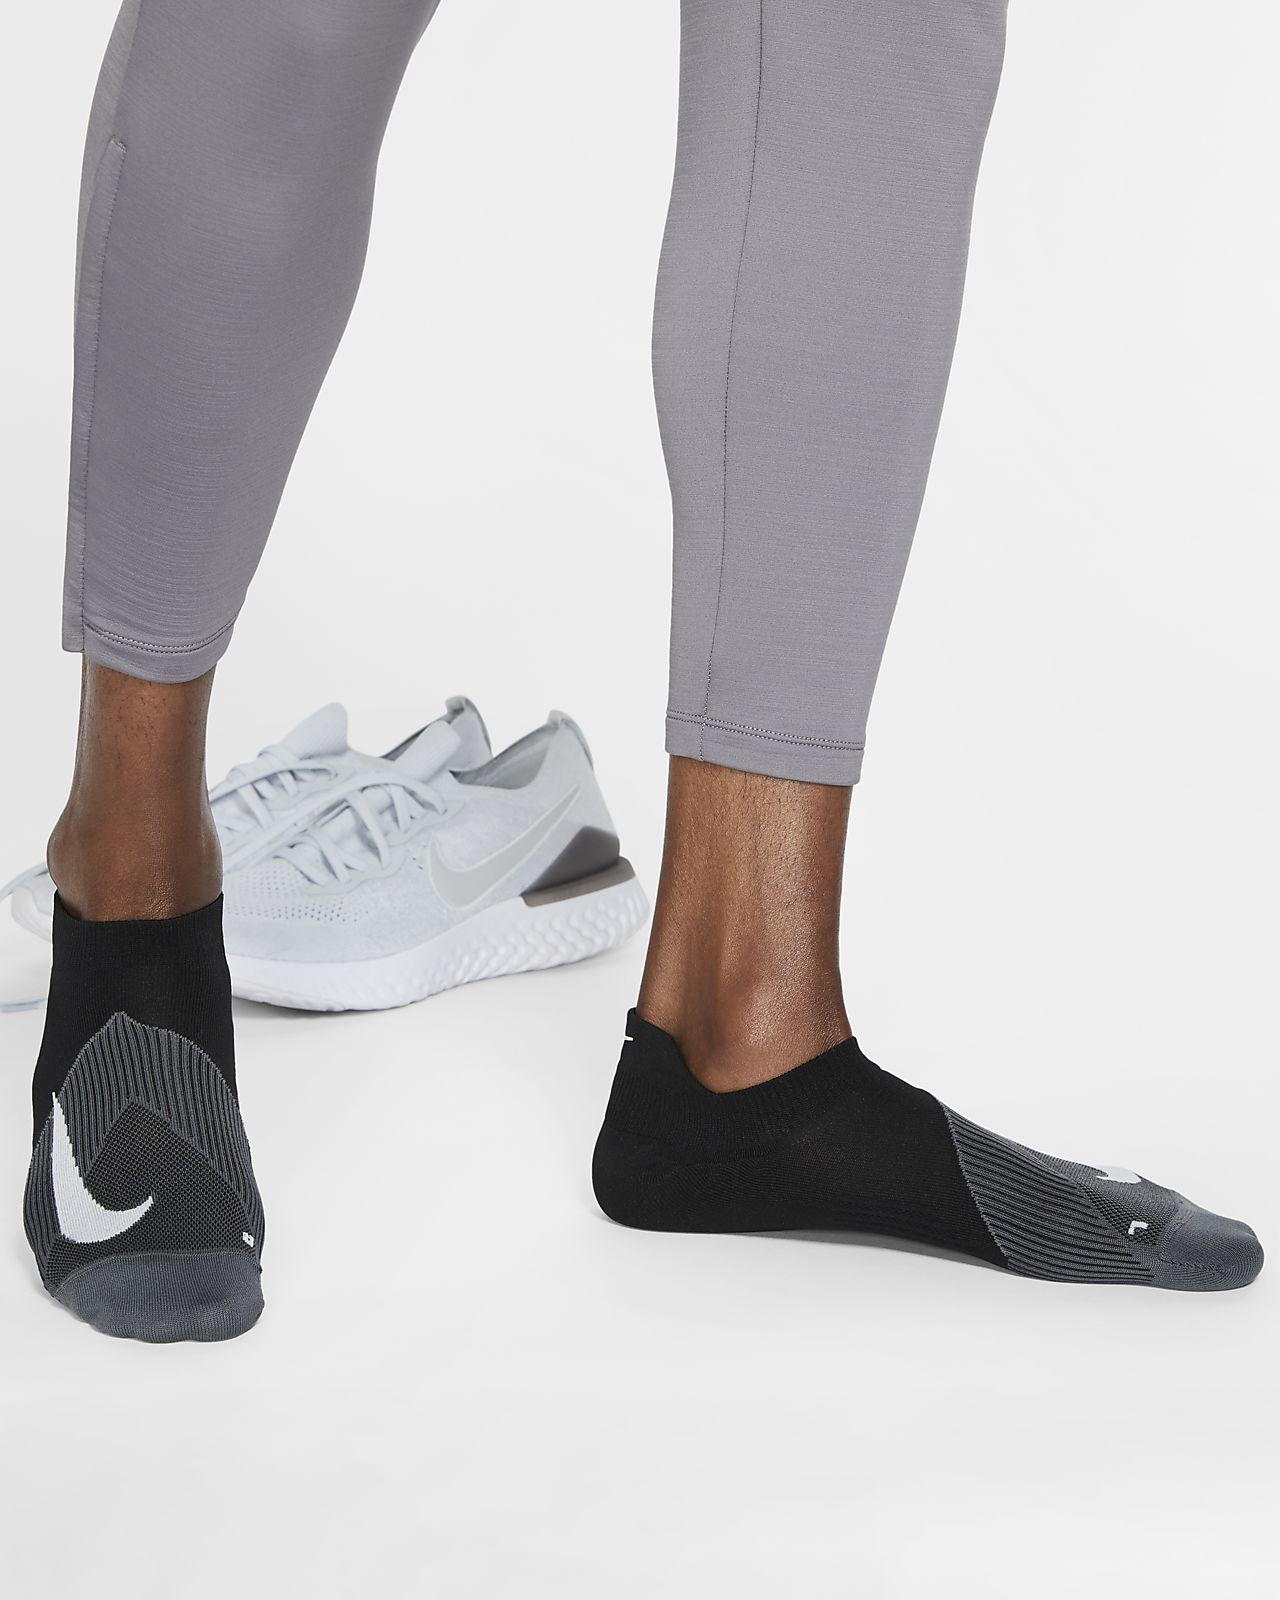 official photos 501bd 980a0 ... Chaussettes de running Nike Elite Lightweight No-Show